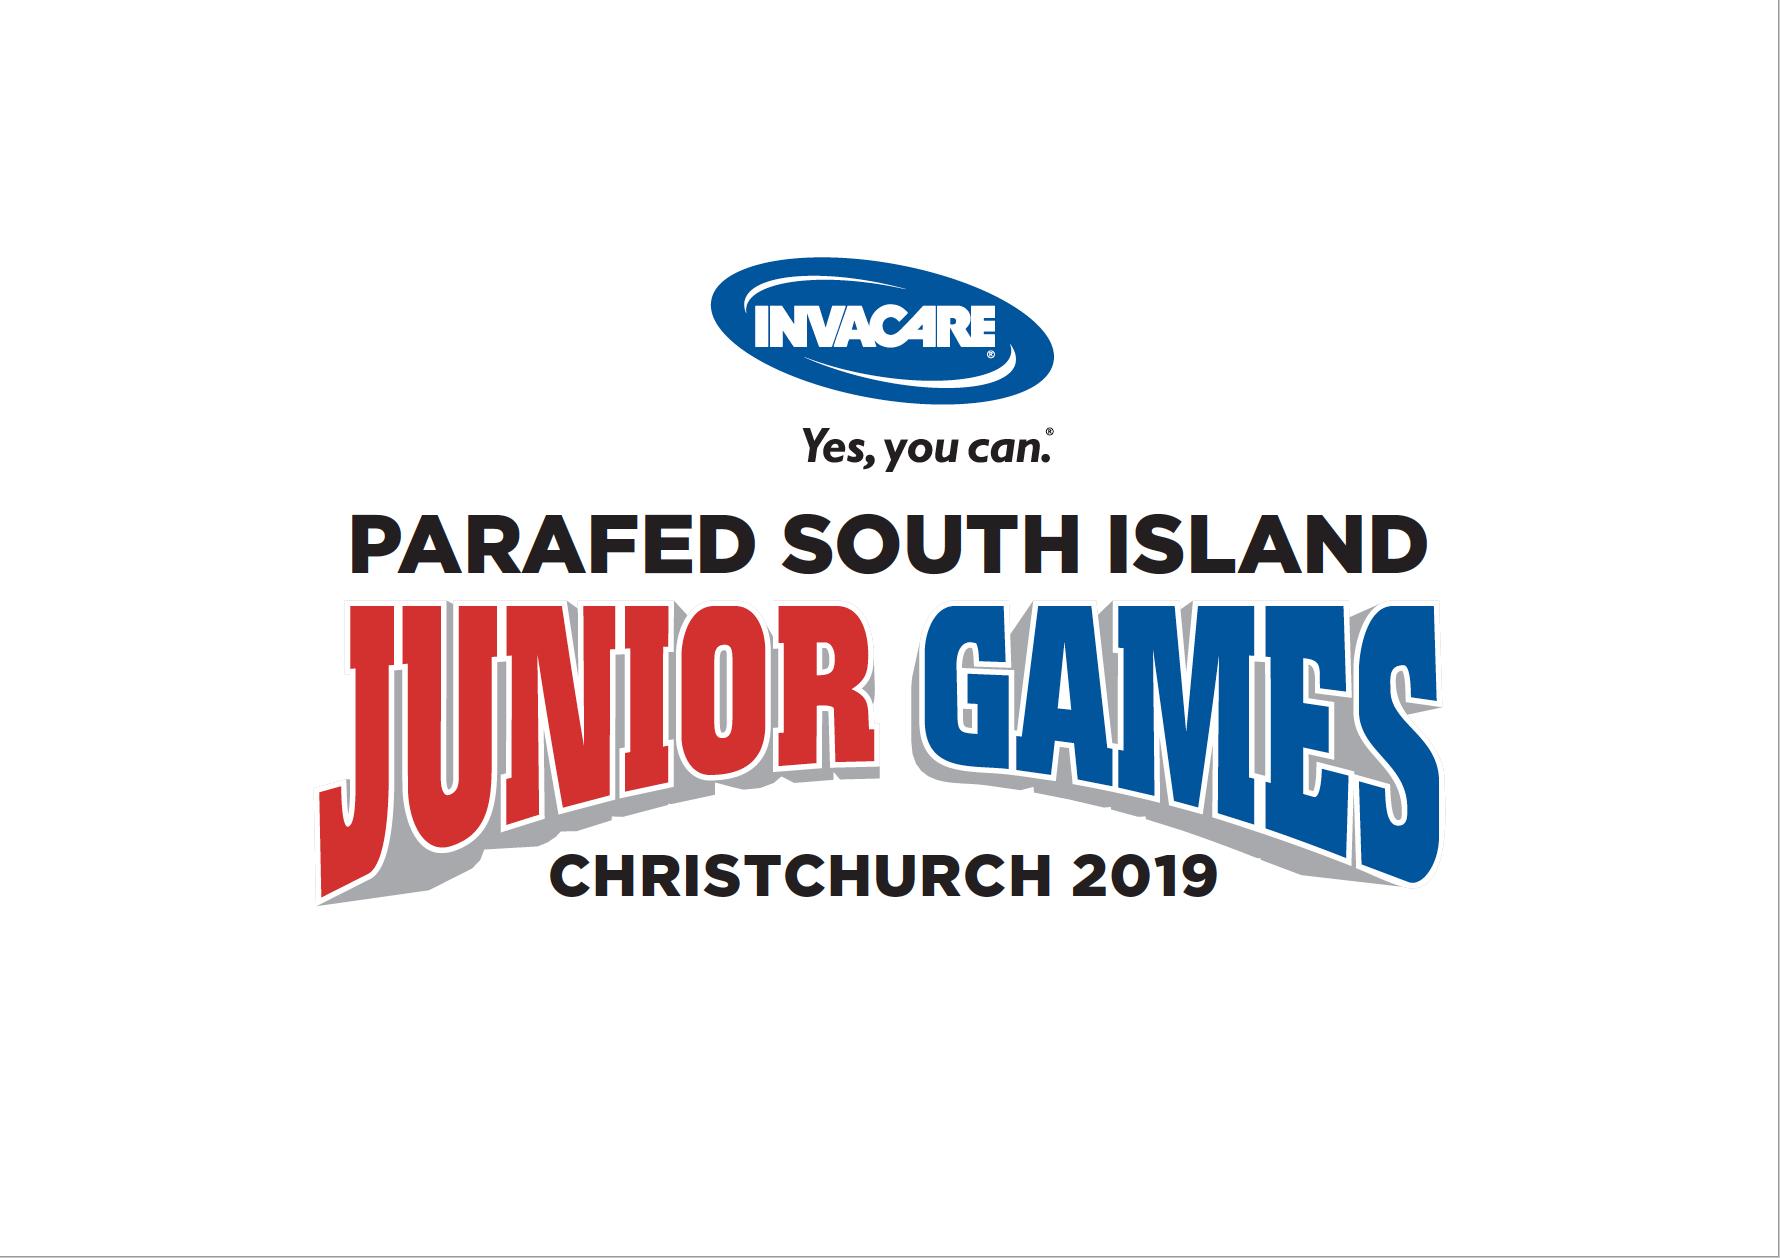 Invacare 2019 ParaFed South Island Junior Games | Invacare